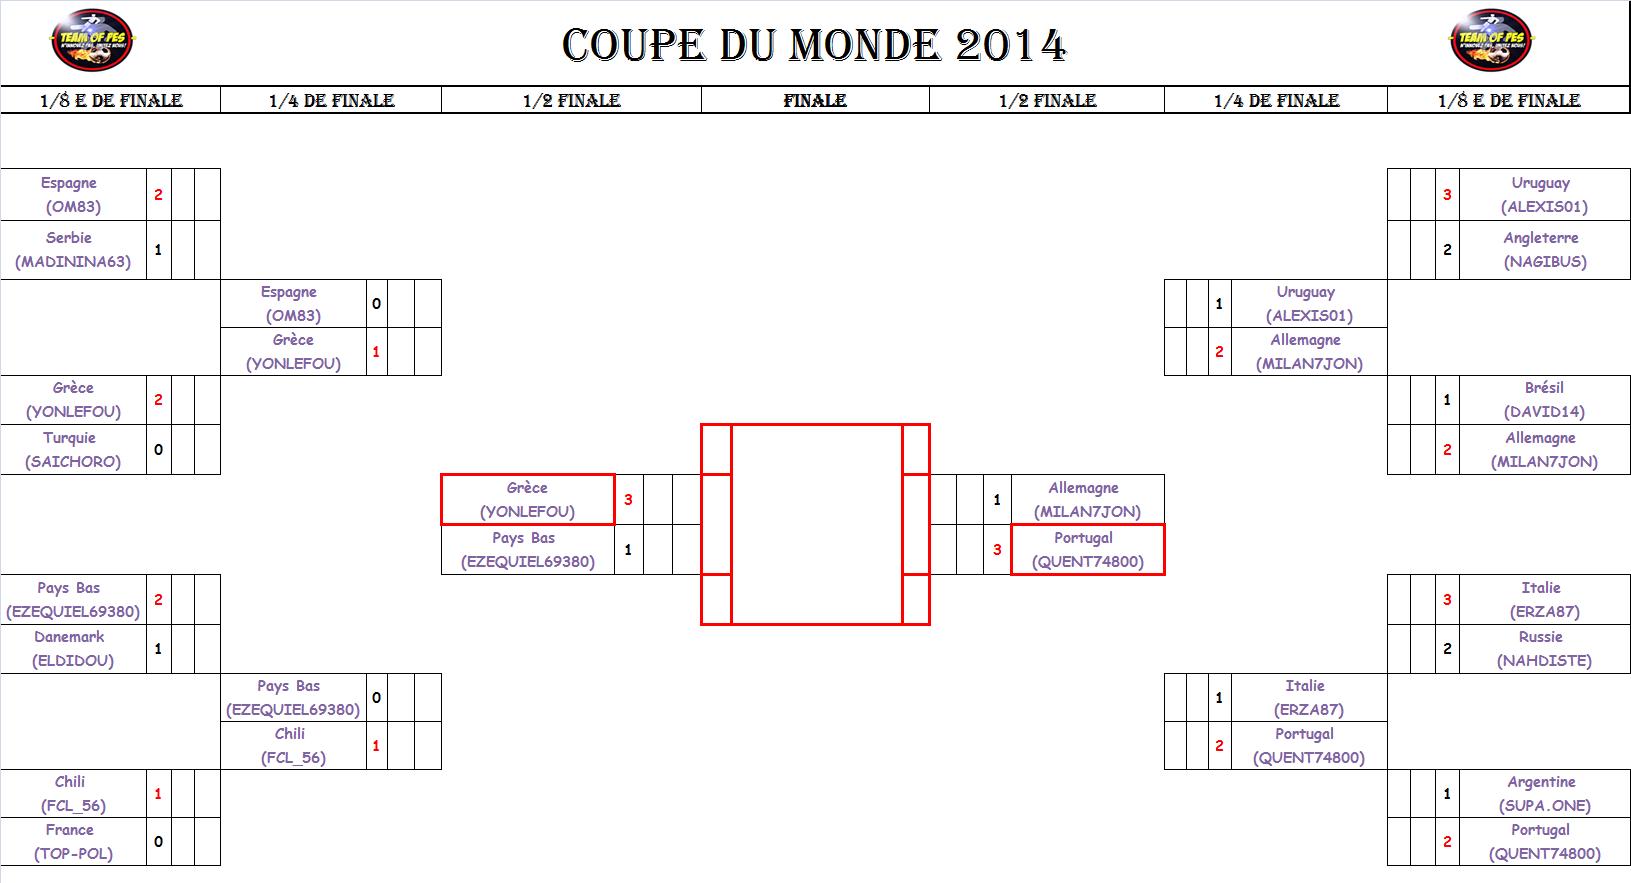 Coupe du monde tableau phase finale - Tableau phase finale coupe du monde 2014 ...